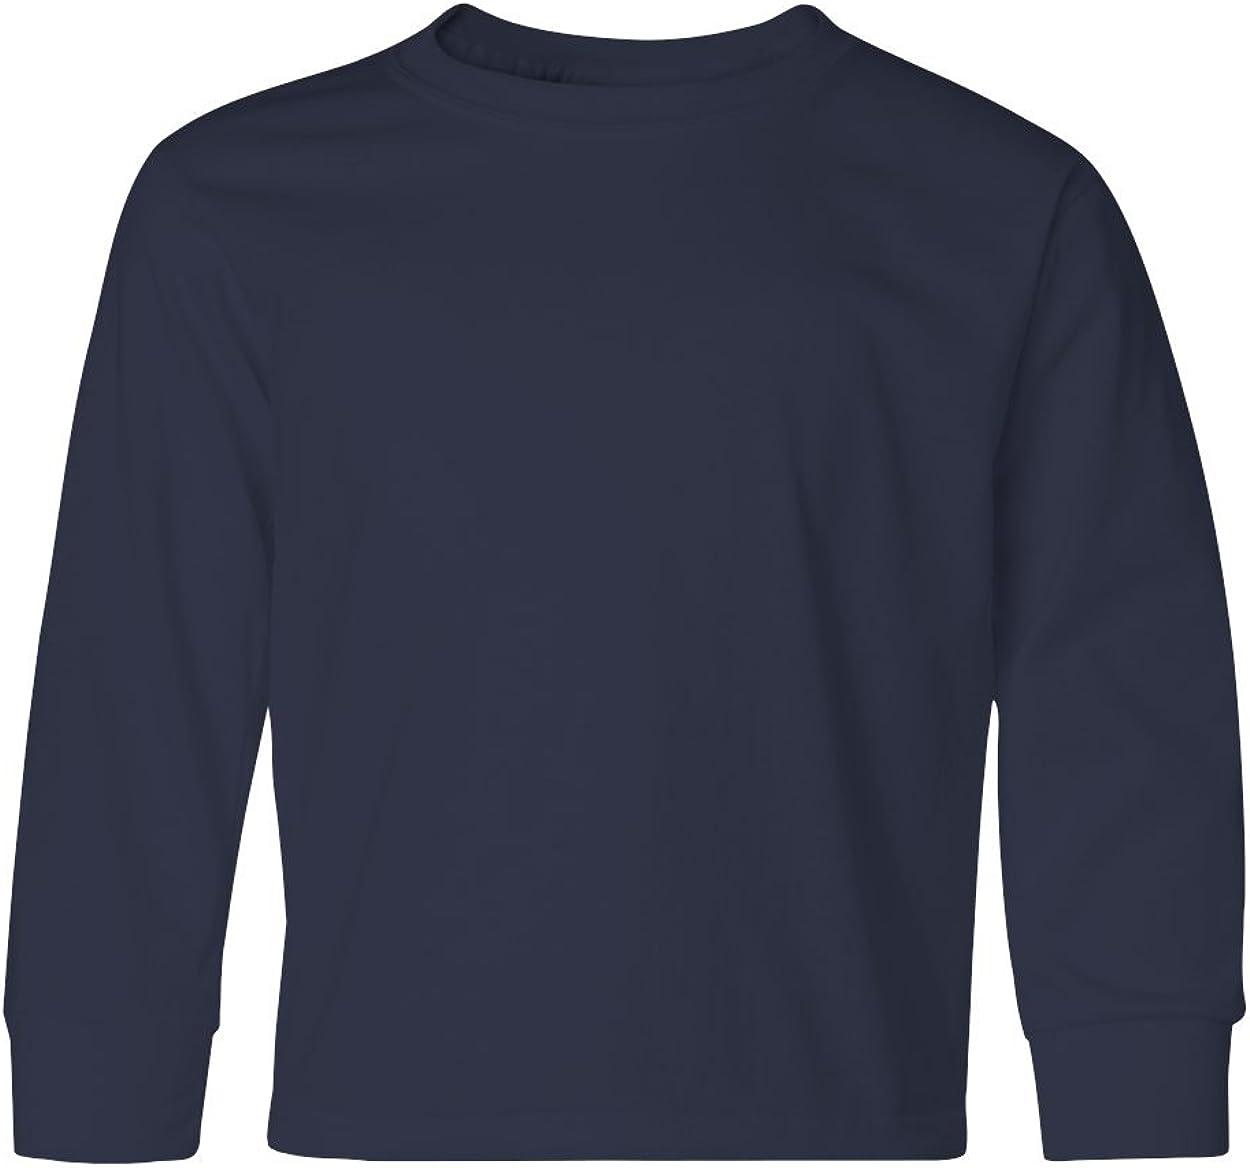 Jerzees Heavyweight Blend Long-Sleeve T-Shirt (29BL) J Navy, L